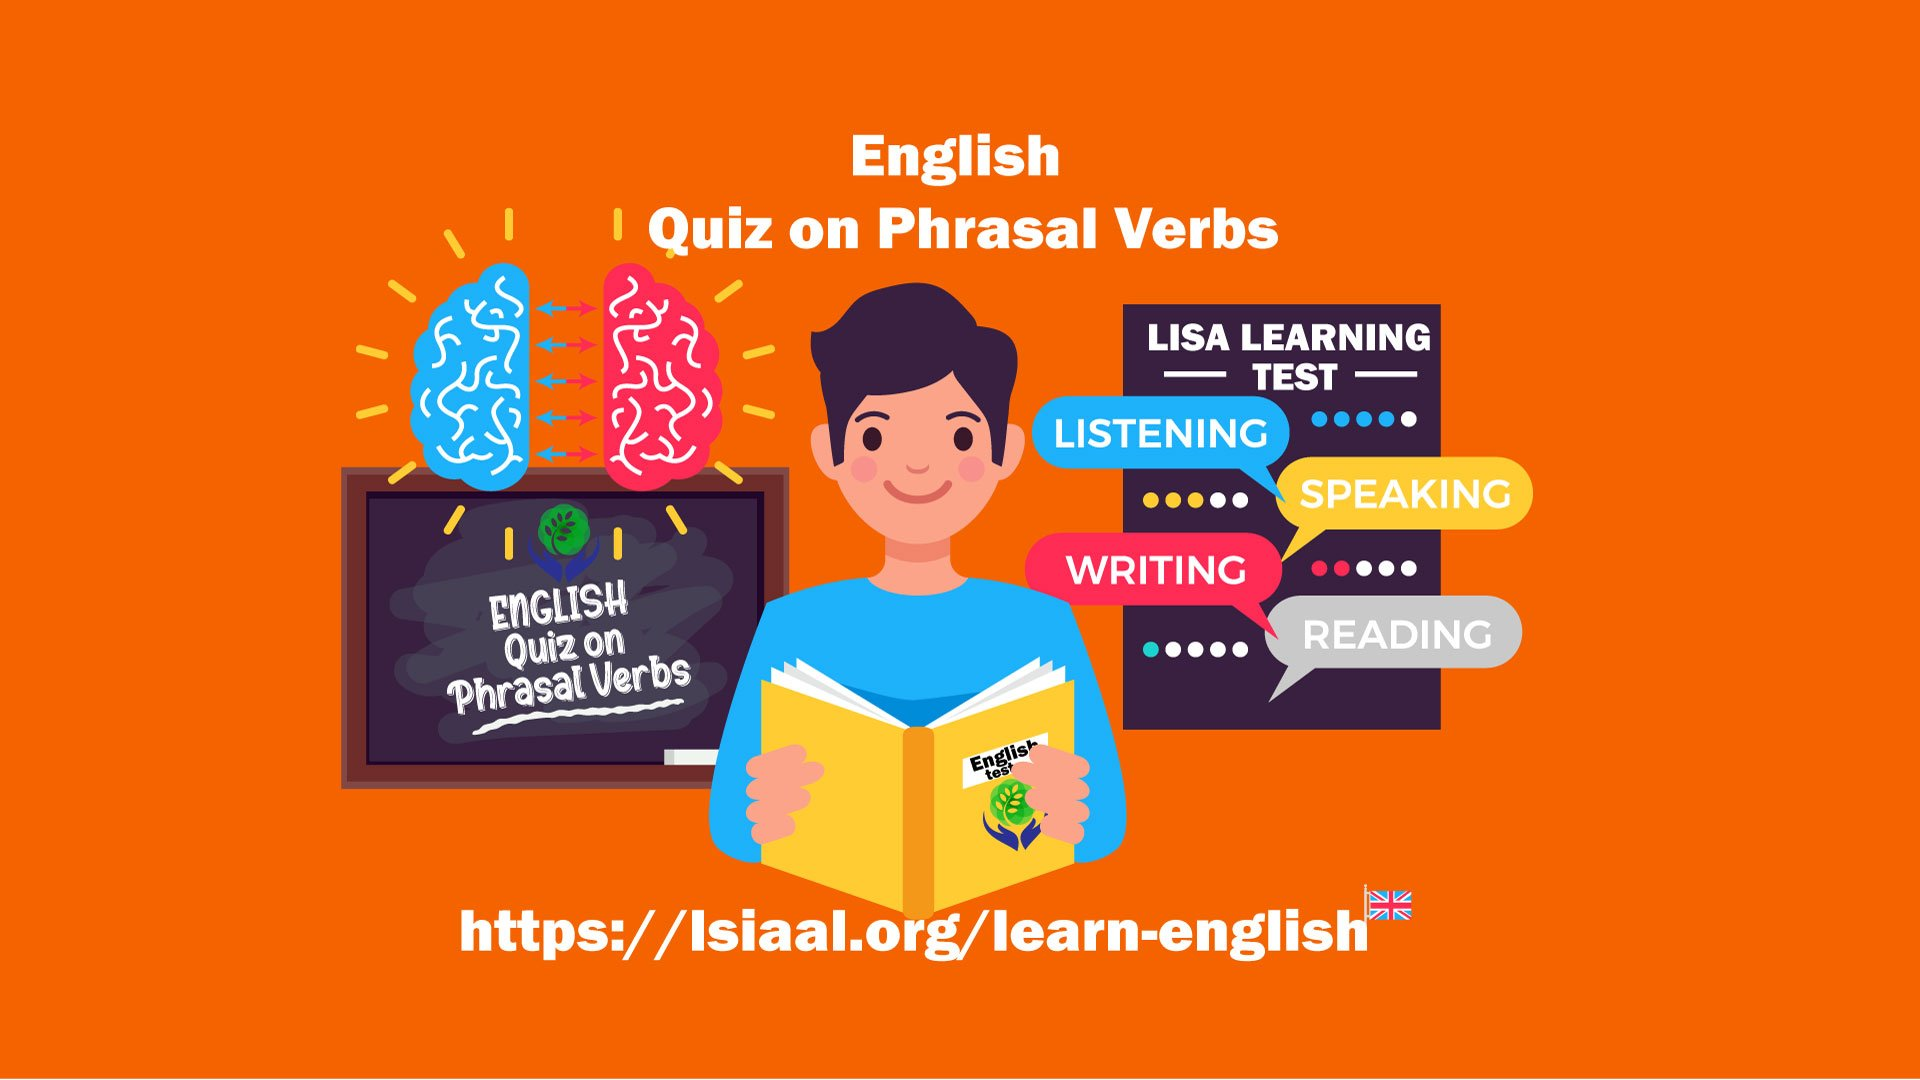 English Quiz on phrasal verbs